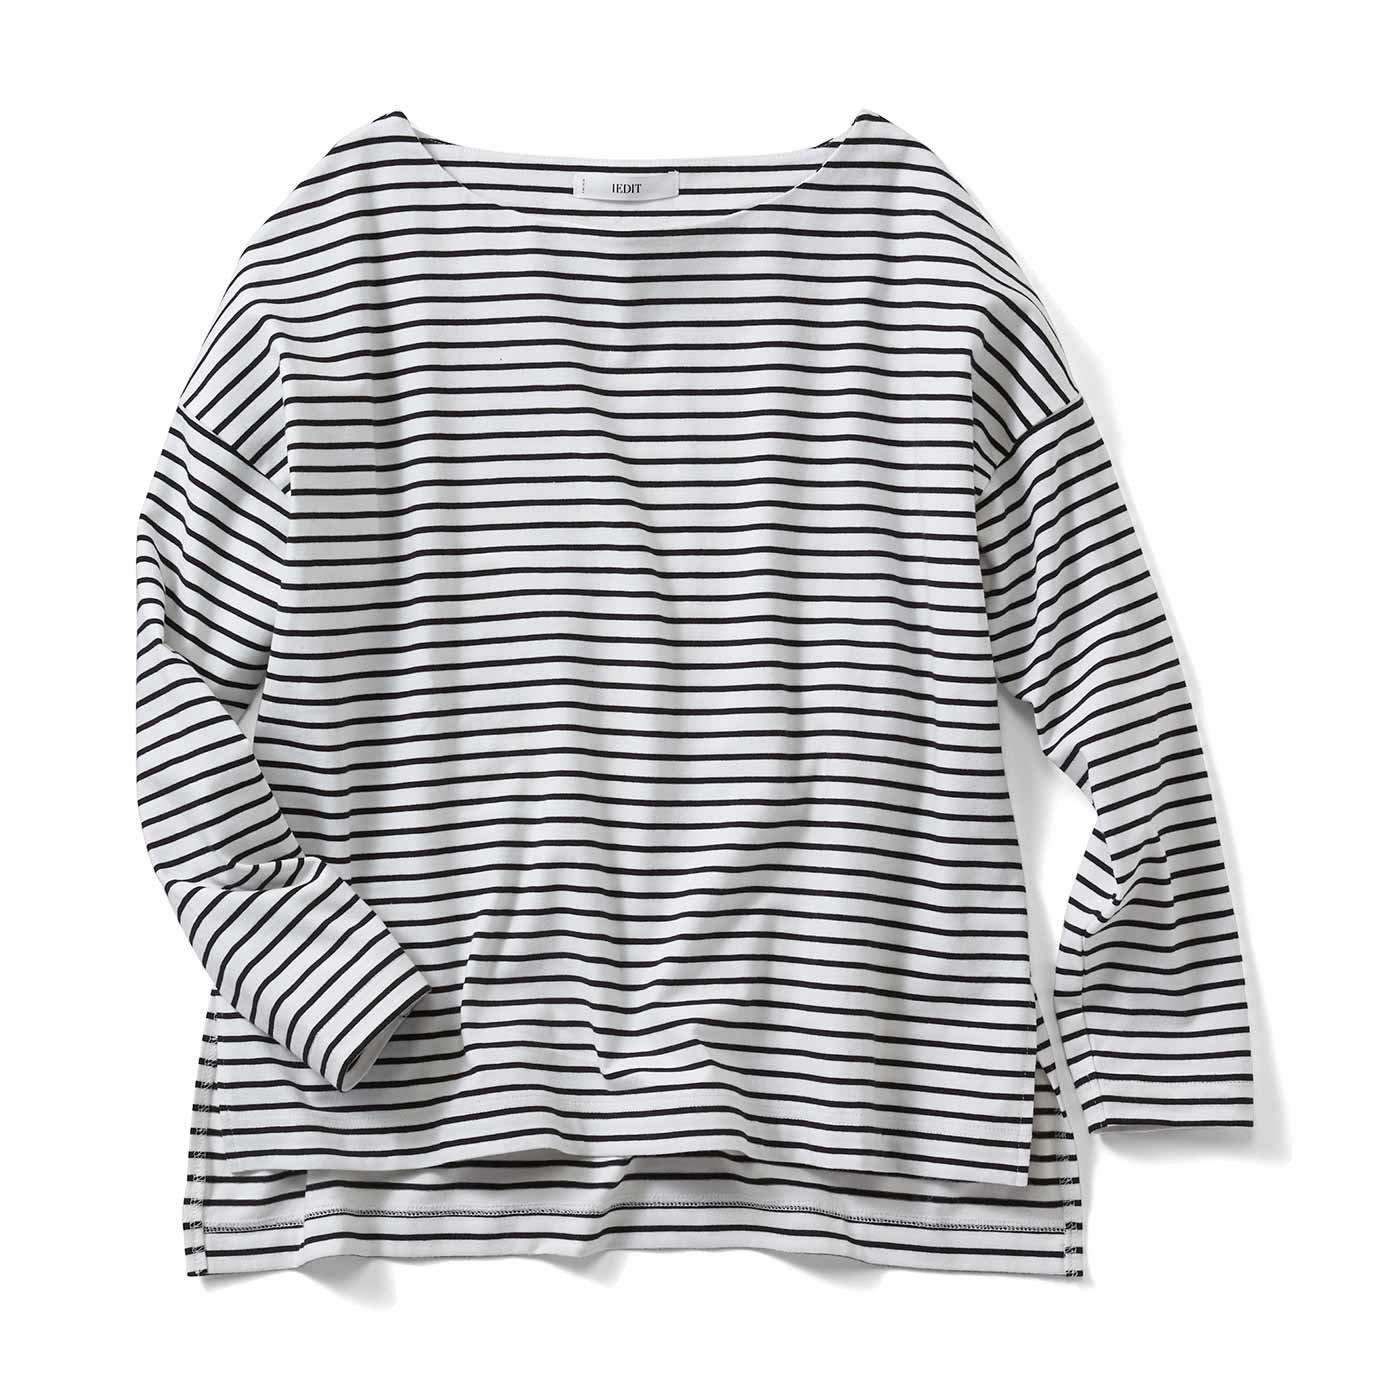 【3~10日でお届け】IEDIT[イディット] 福田麻琴さんコラボ ピッチにこだわった大人ゆるボーダーTシャツ〈ブラック×ホワイト〉